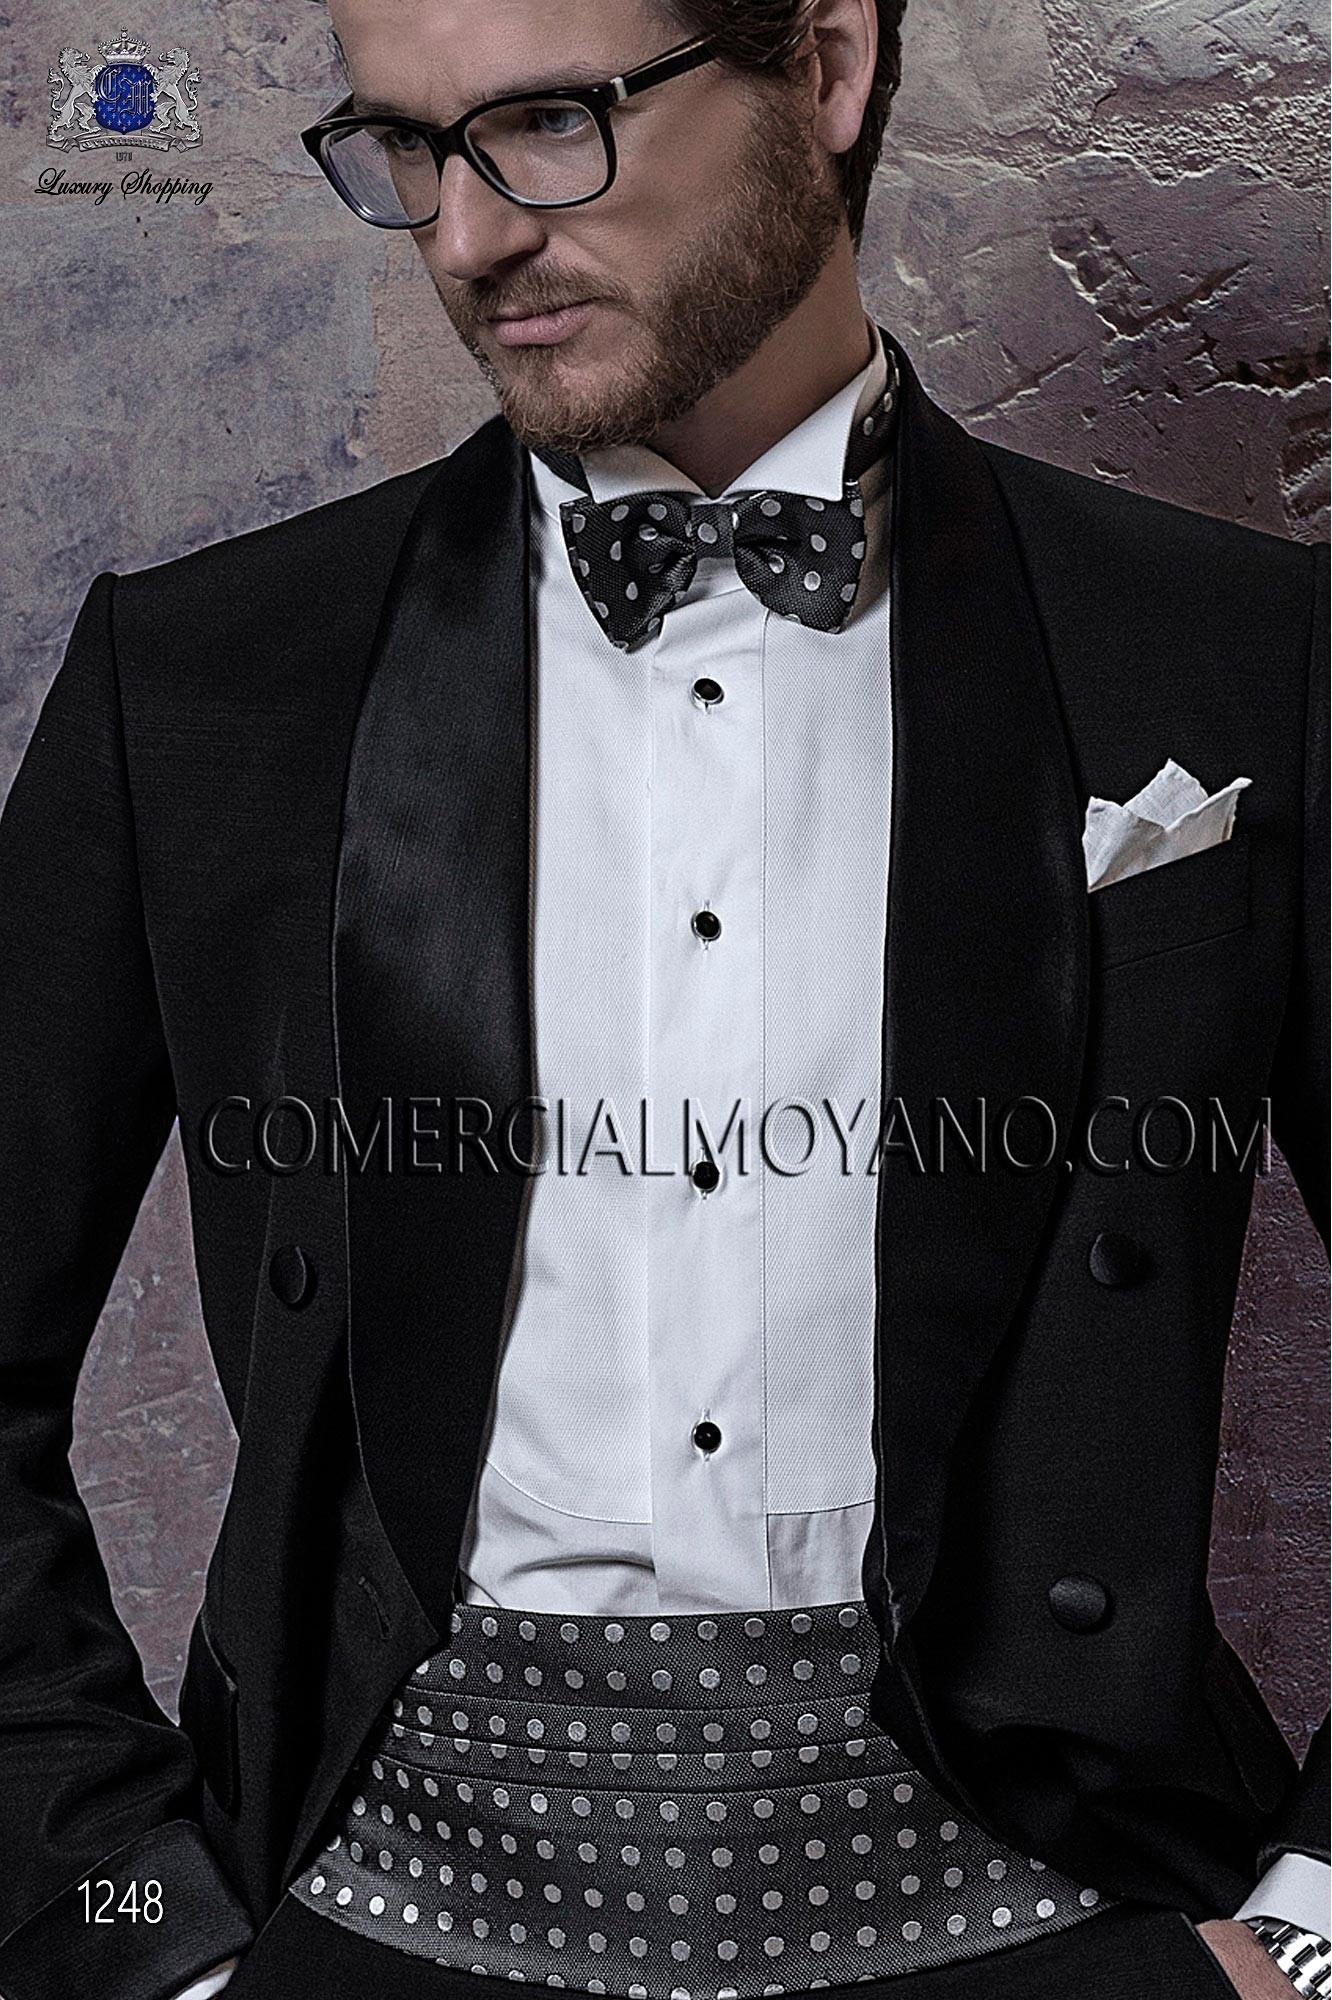 Italian blacktie Black men wedding suit, model: 1248 Ottavio Nuccio Gala 2017 Black Tie Collection